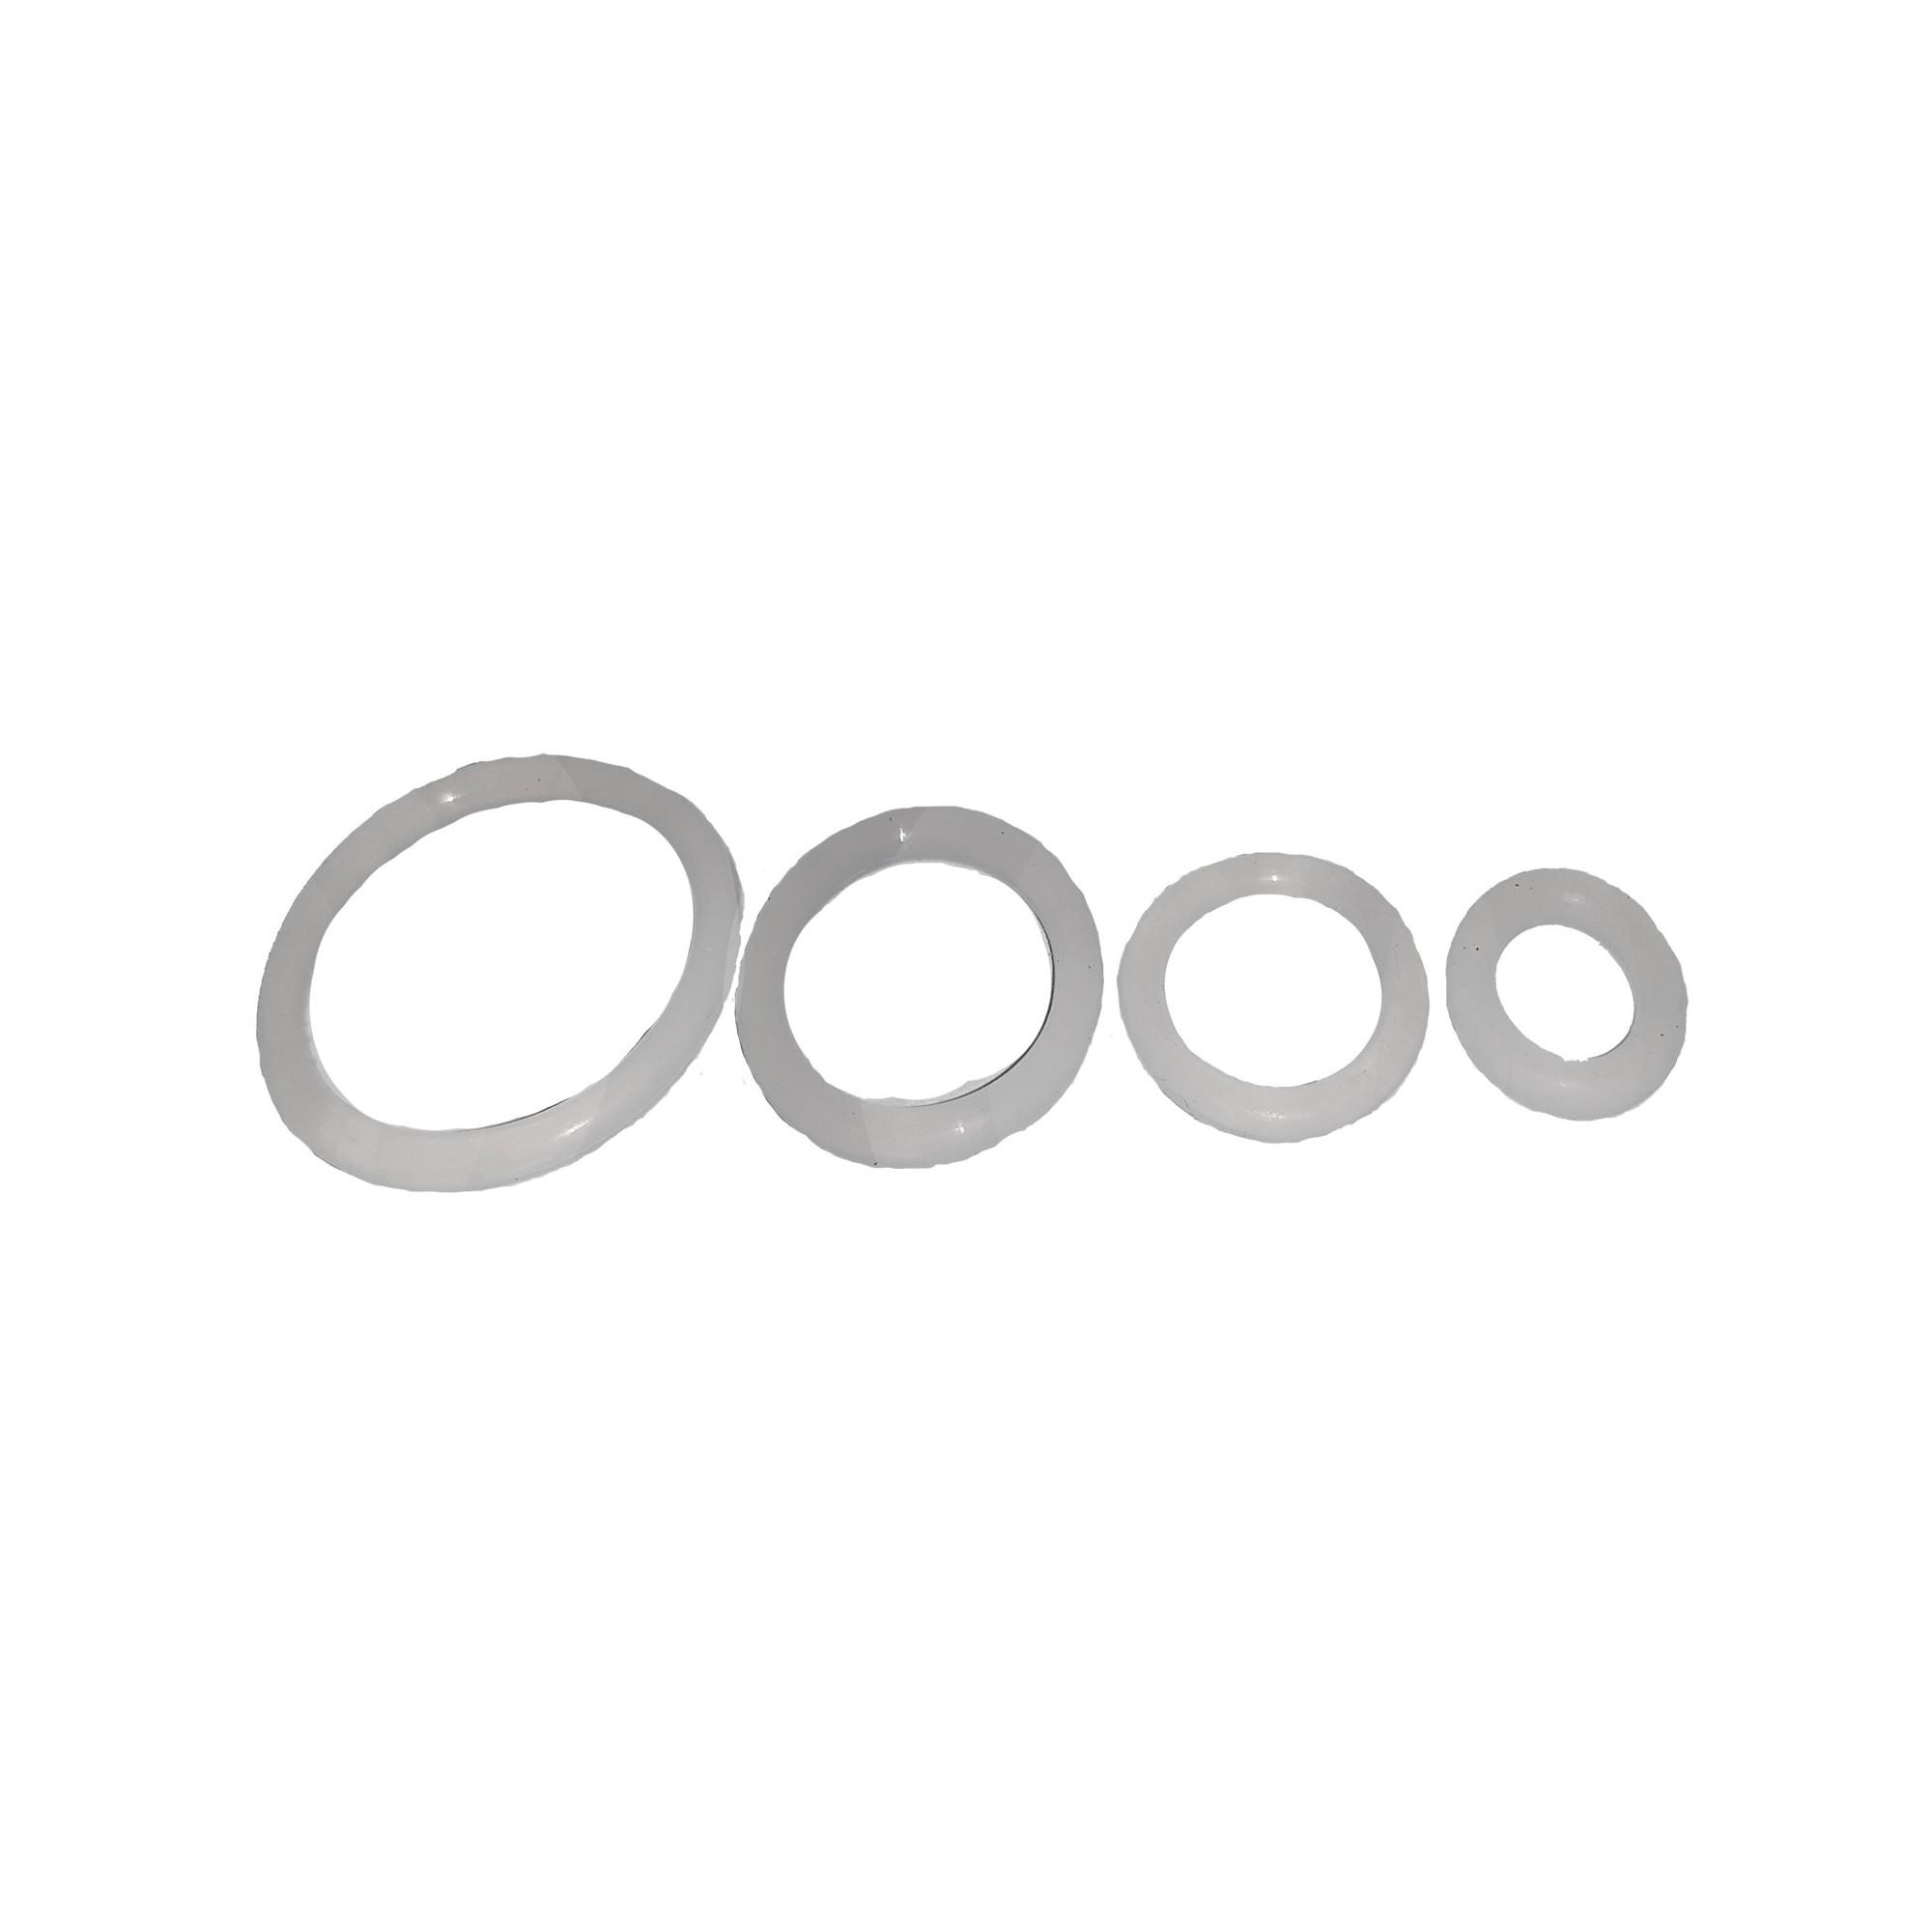 Упаковка колец силиконовых 100 шт пищевых термостойких 26мм*21мм*2.5мм J.G. - 1